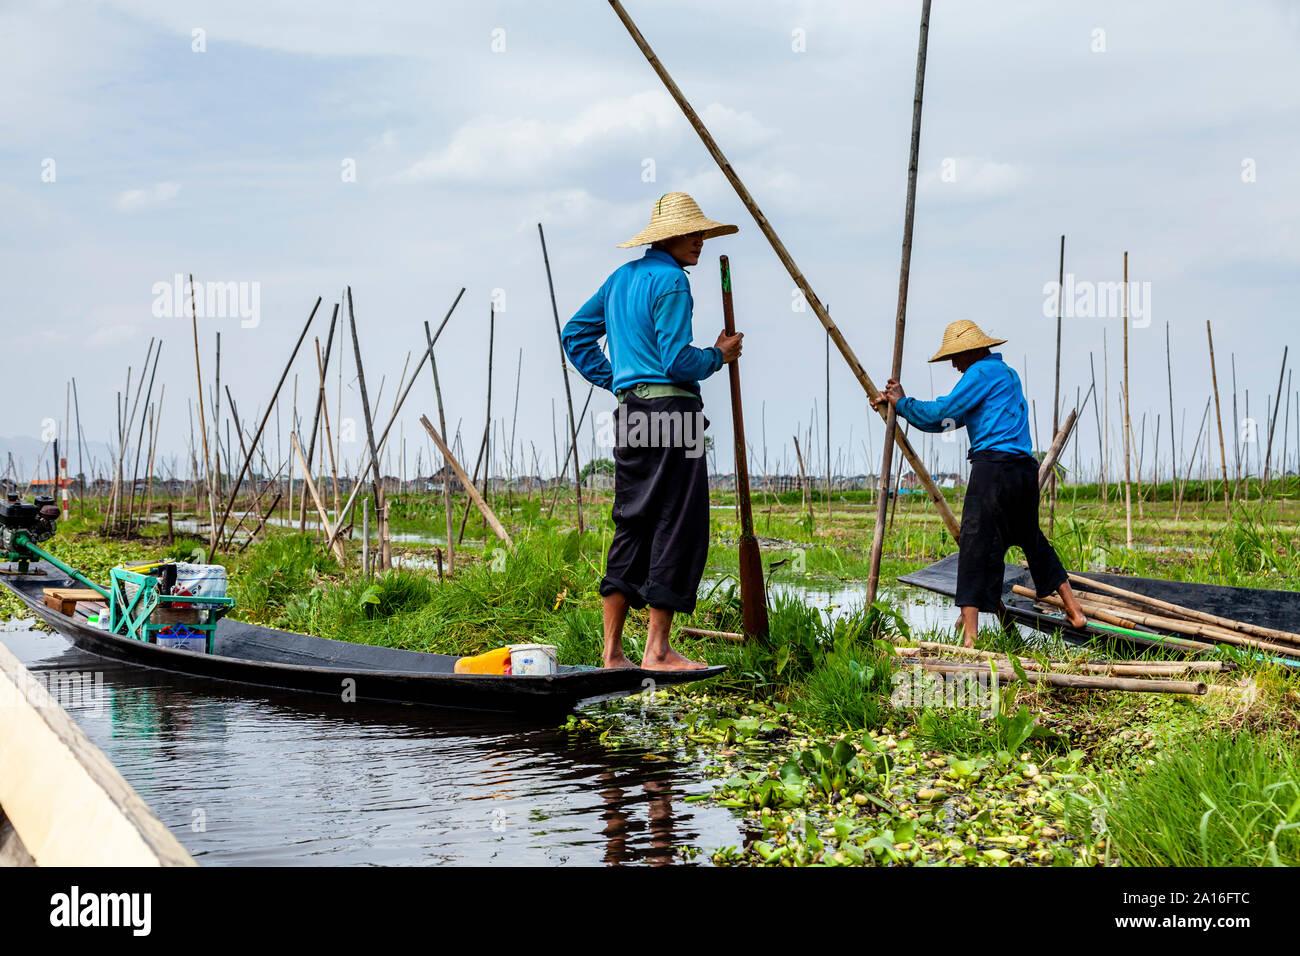 Floating Gardens, Lake Inle, Shan State, Myanmar Stock Photo